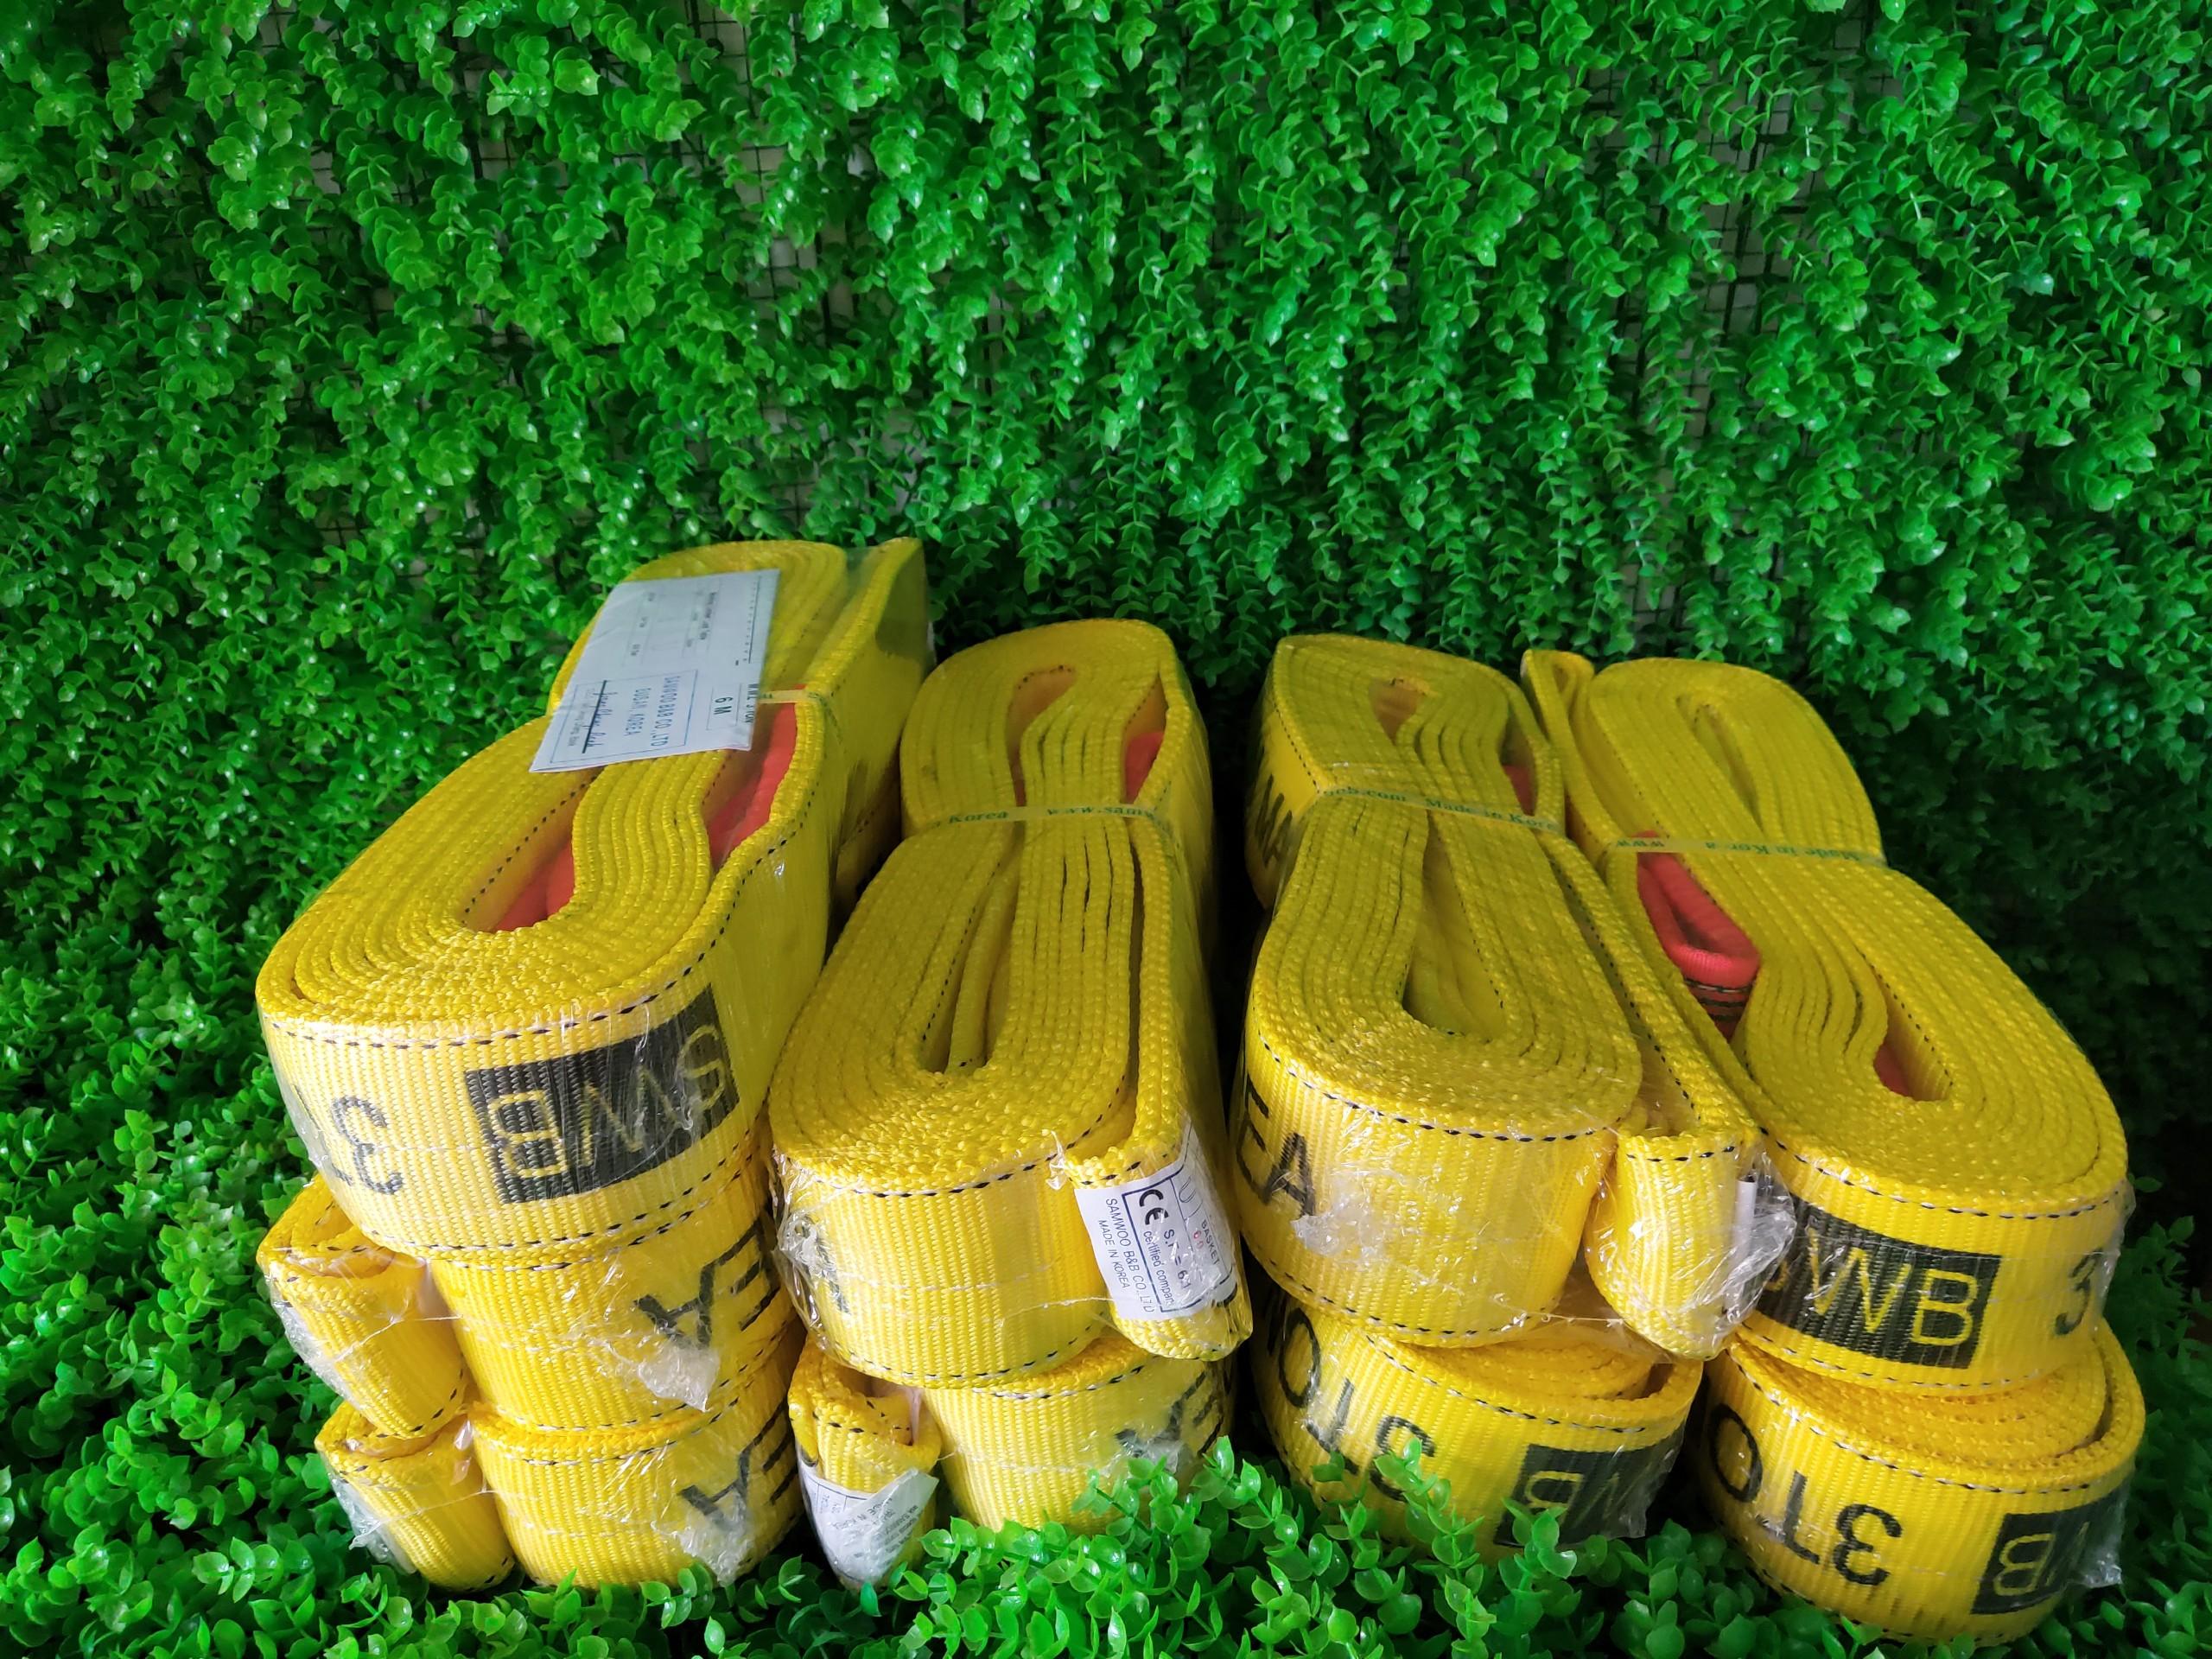 Cáp Bẹ Cẩu Hàng Chất Lượng Cao - Giao Hàng Tận Nơi TPHCM, Đà Nẵng, Hà Nội